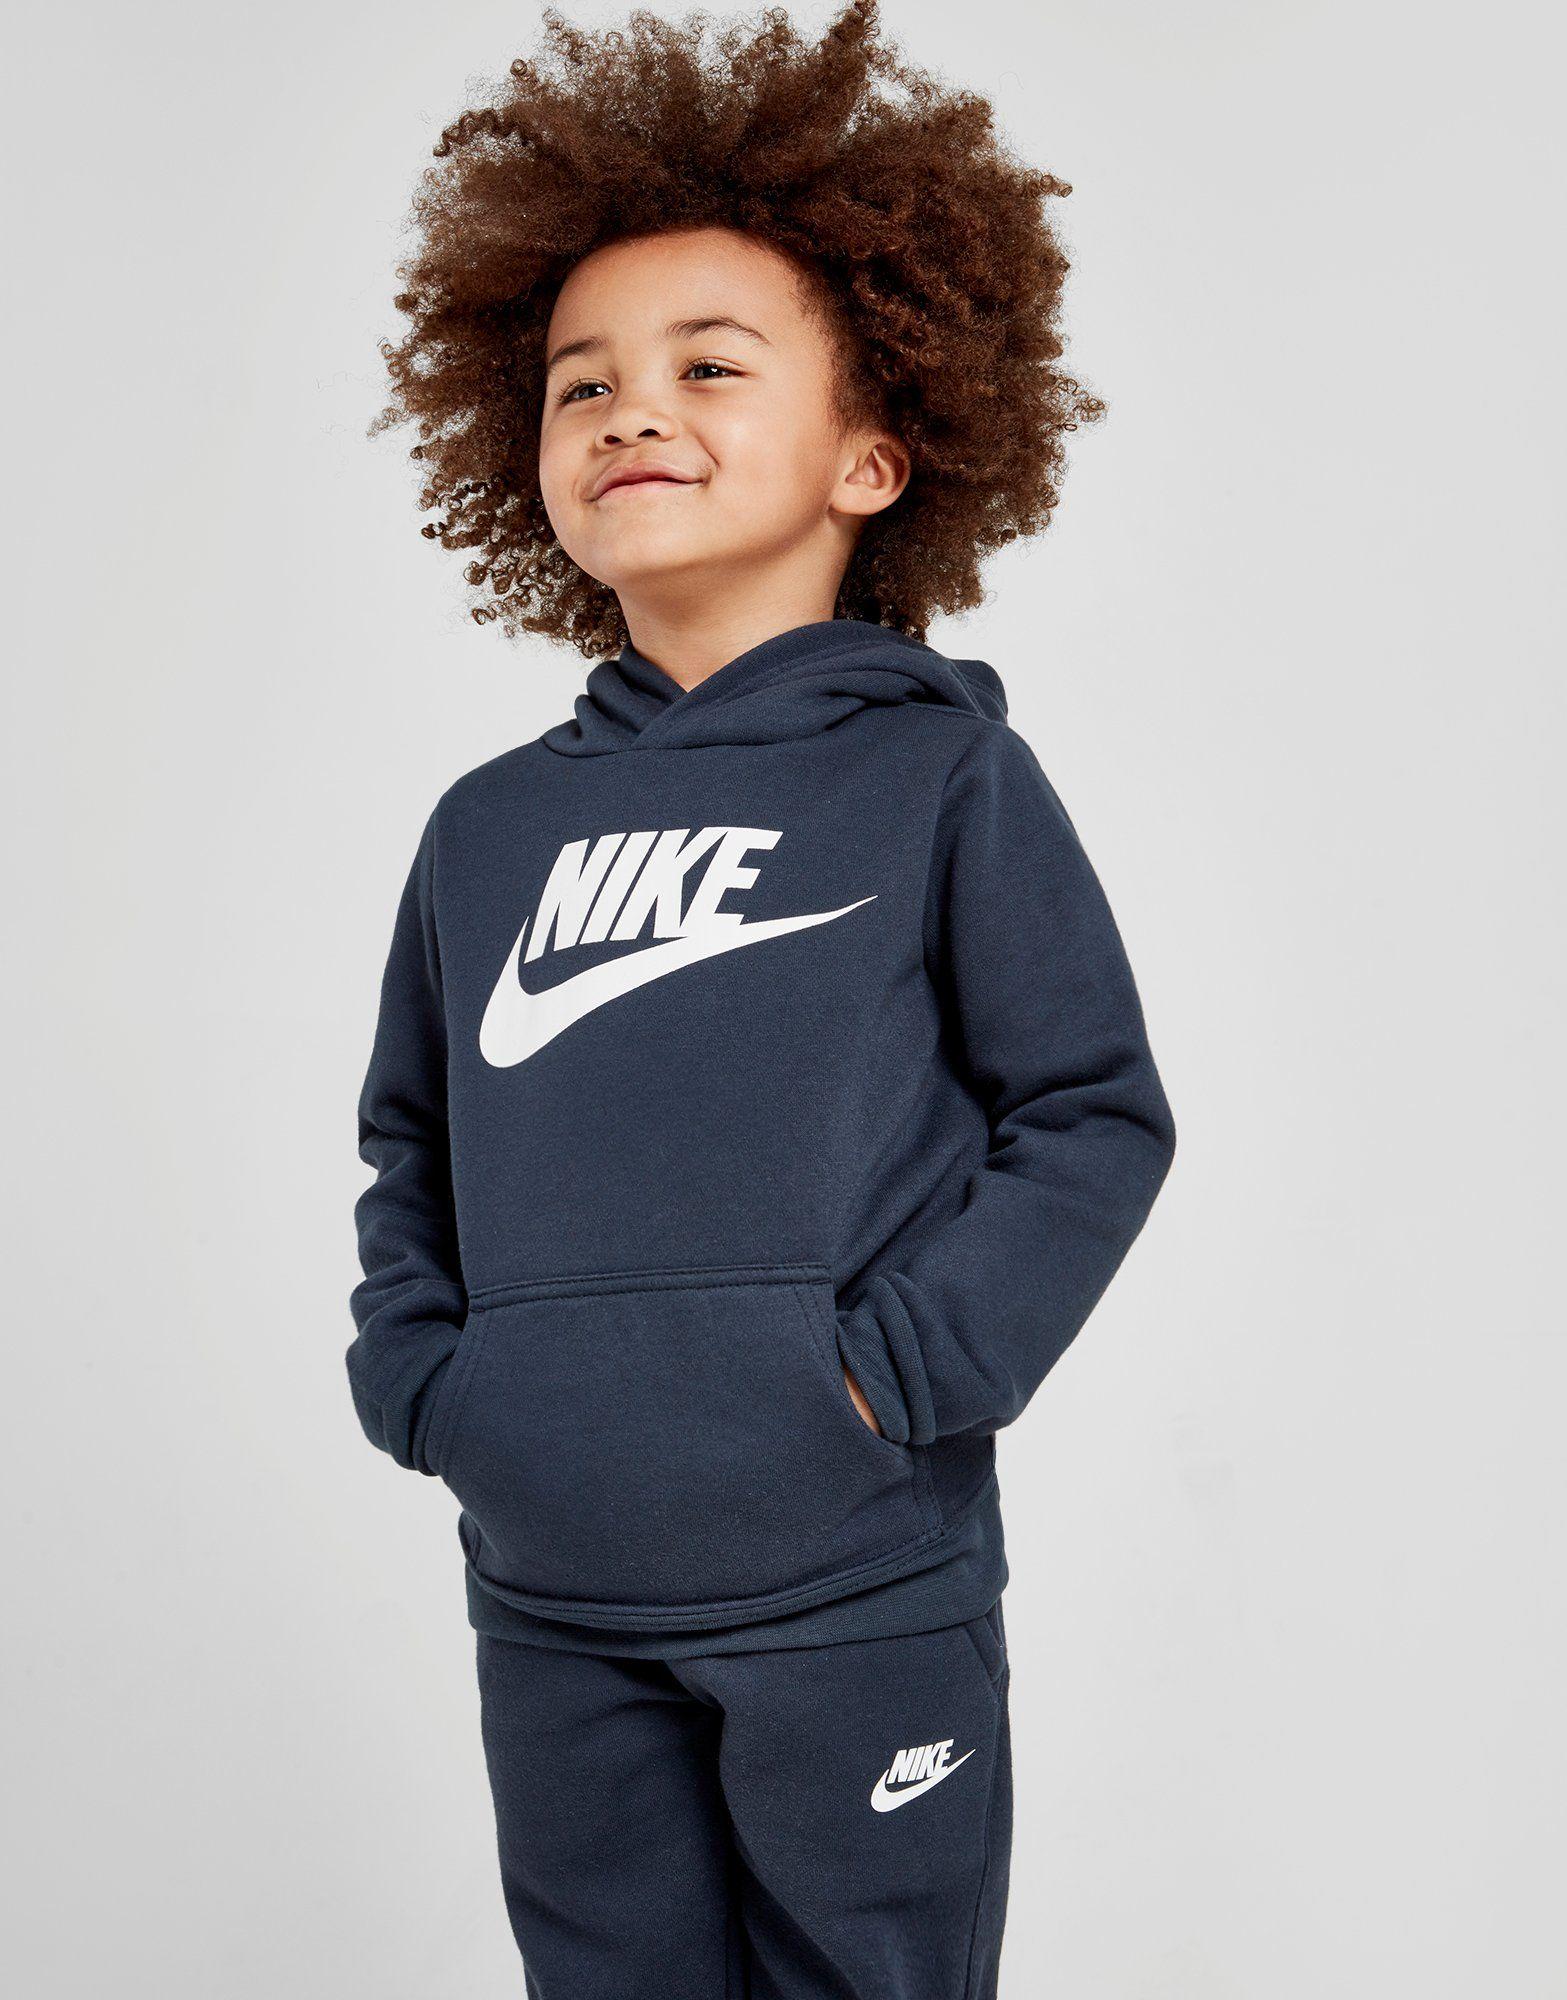 Nike Overhead Suit Children